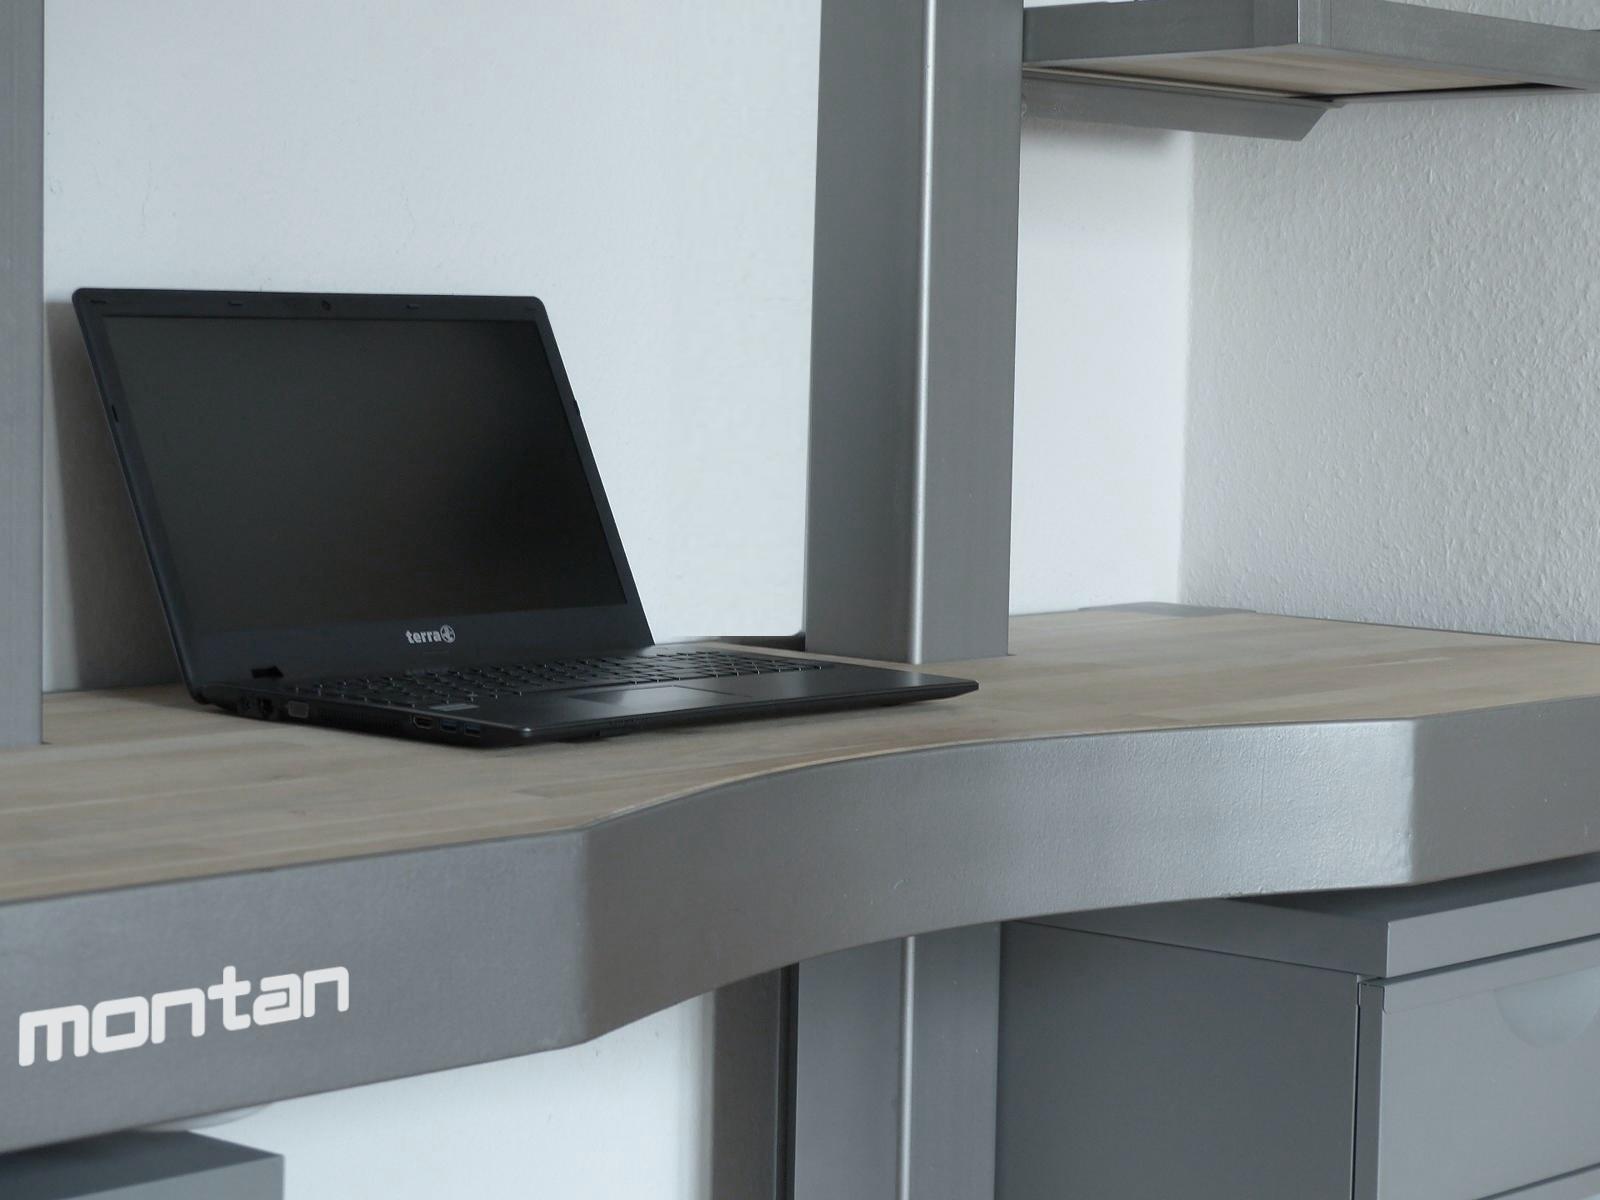 MONTAN Schreibtischregal Bearb 2